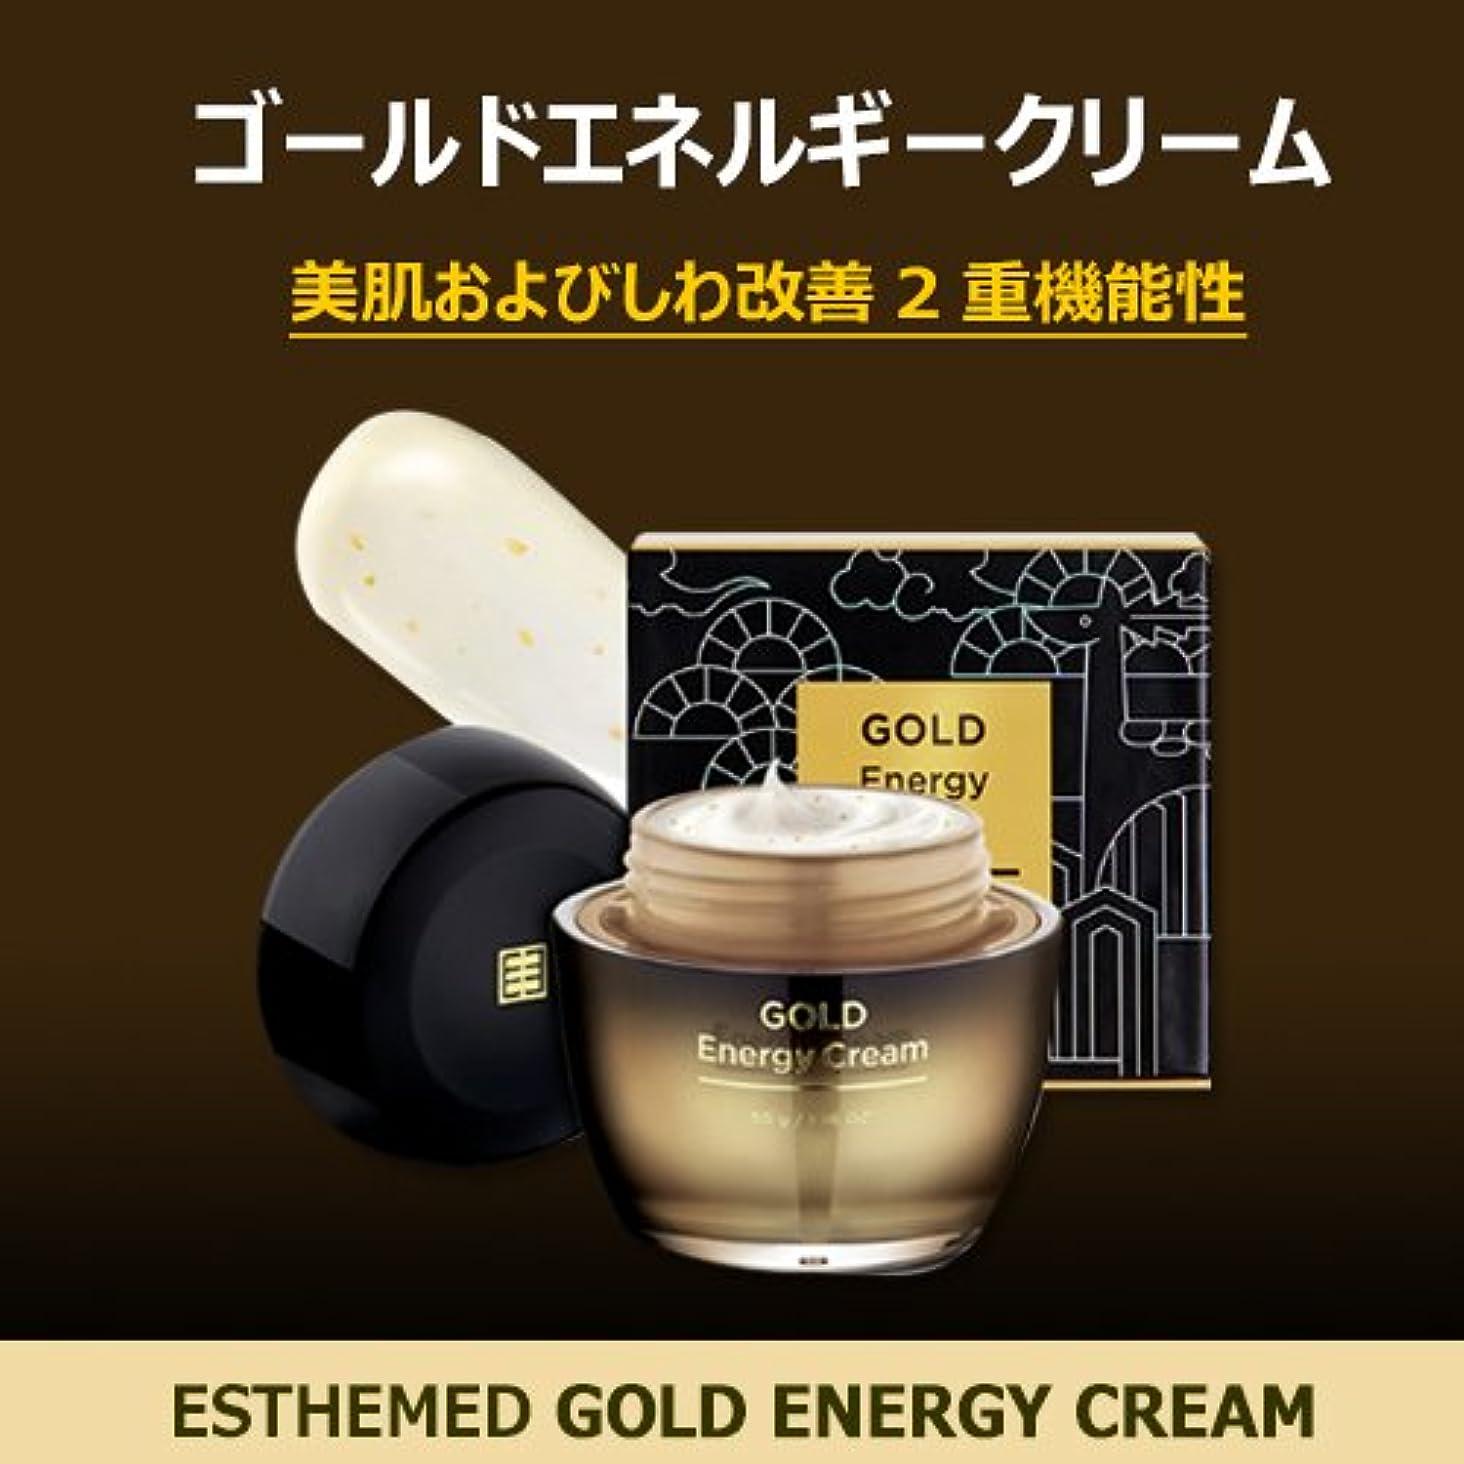 雪だるま高架大工ESTHEMED 【NEW!! エステメドゴールドエネルギークリーム】ESTHEMED GOLD Energy Cream 50g